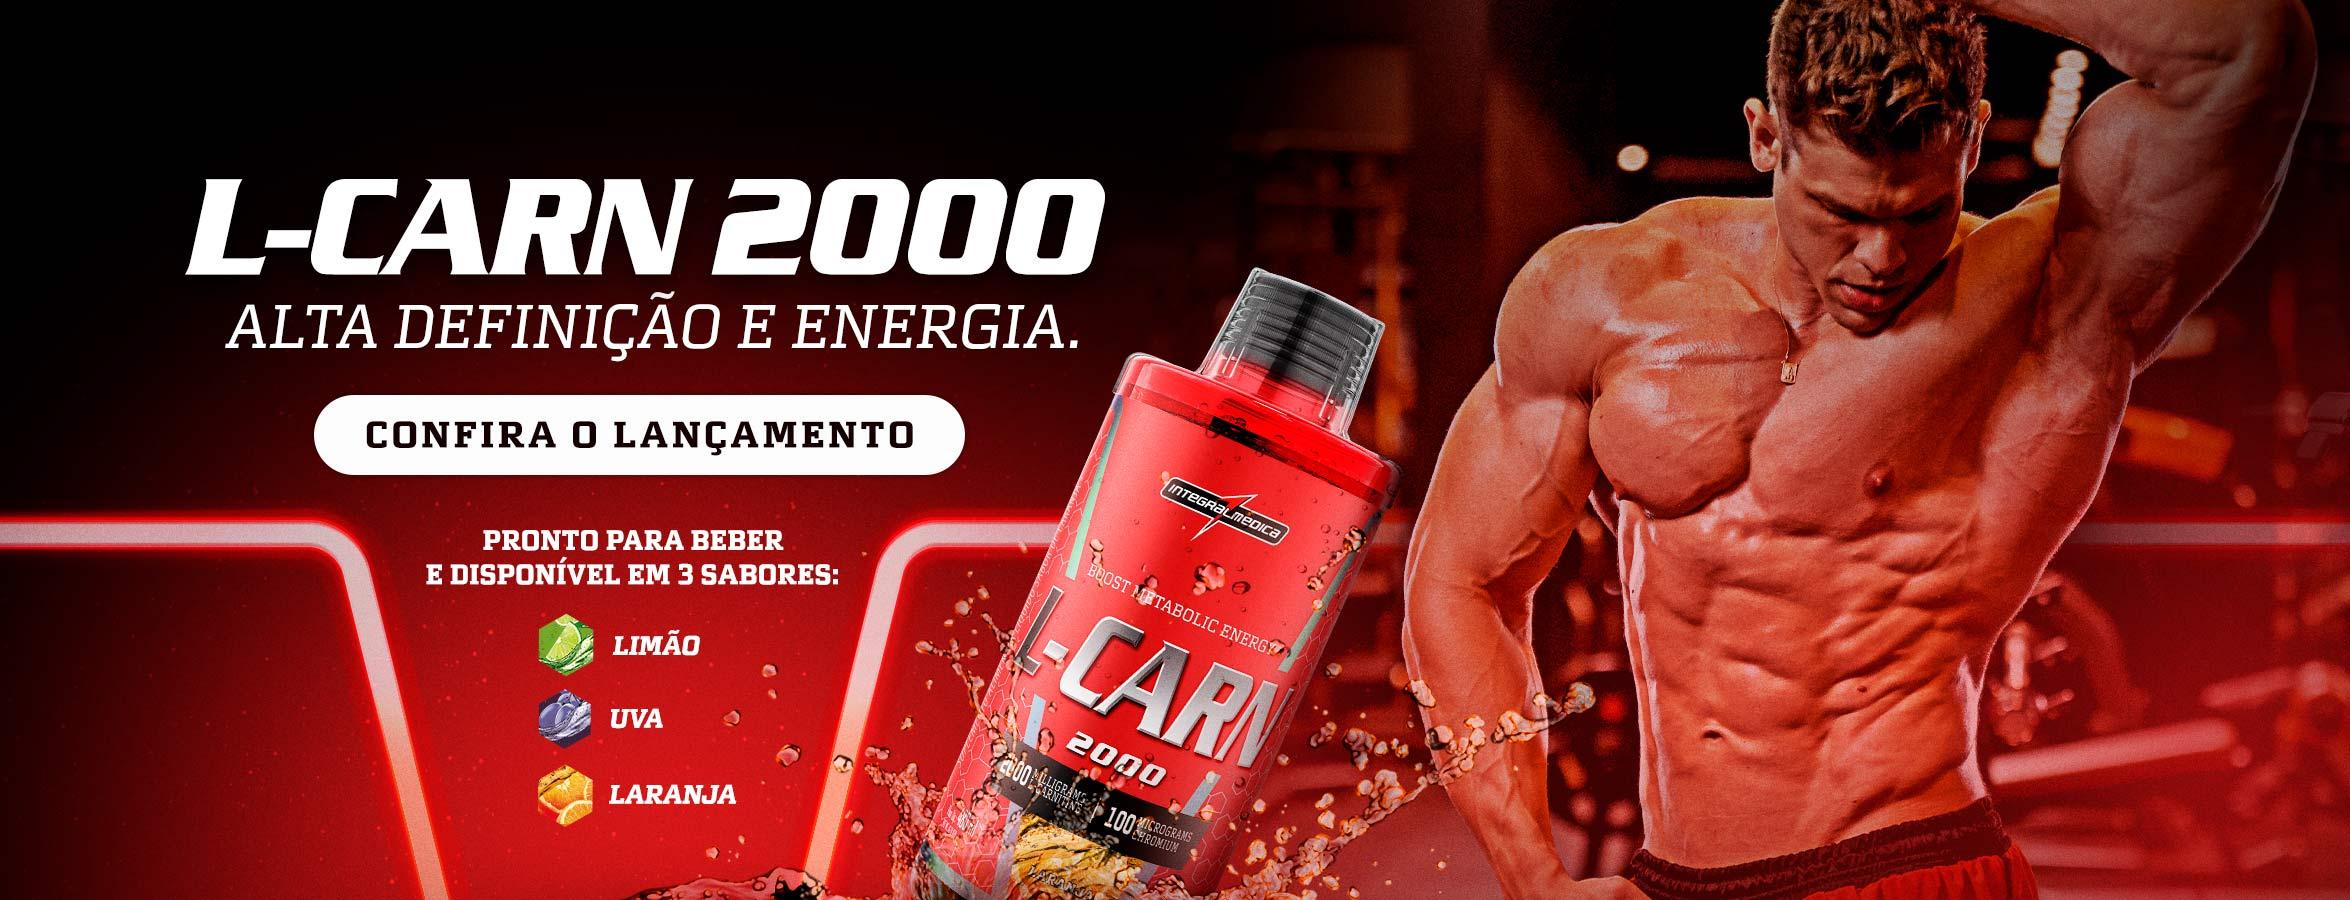 L-Carn 2000 liquida